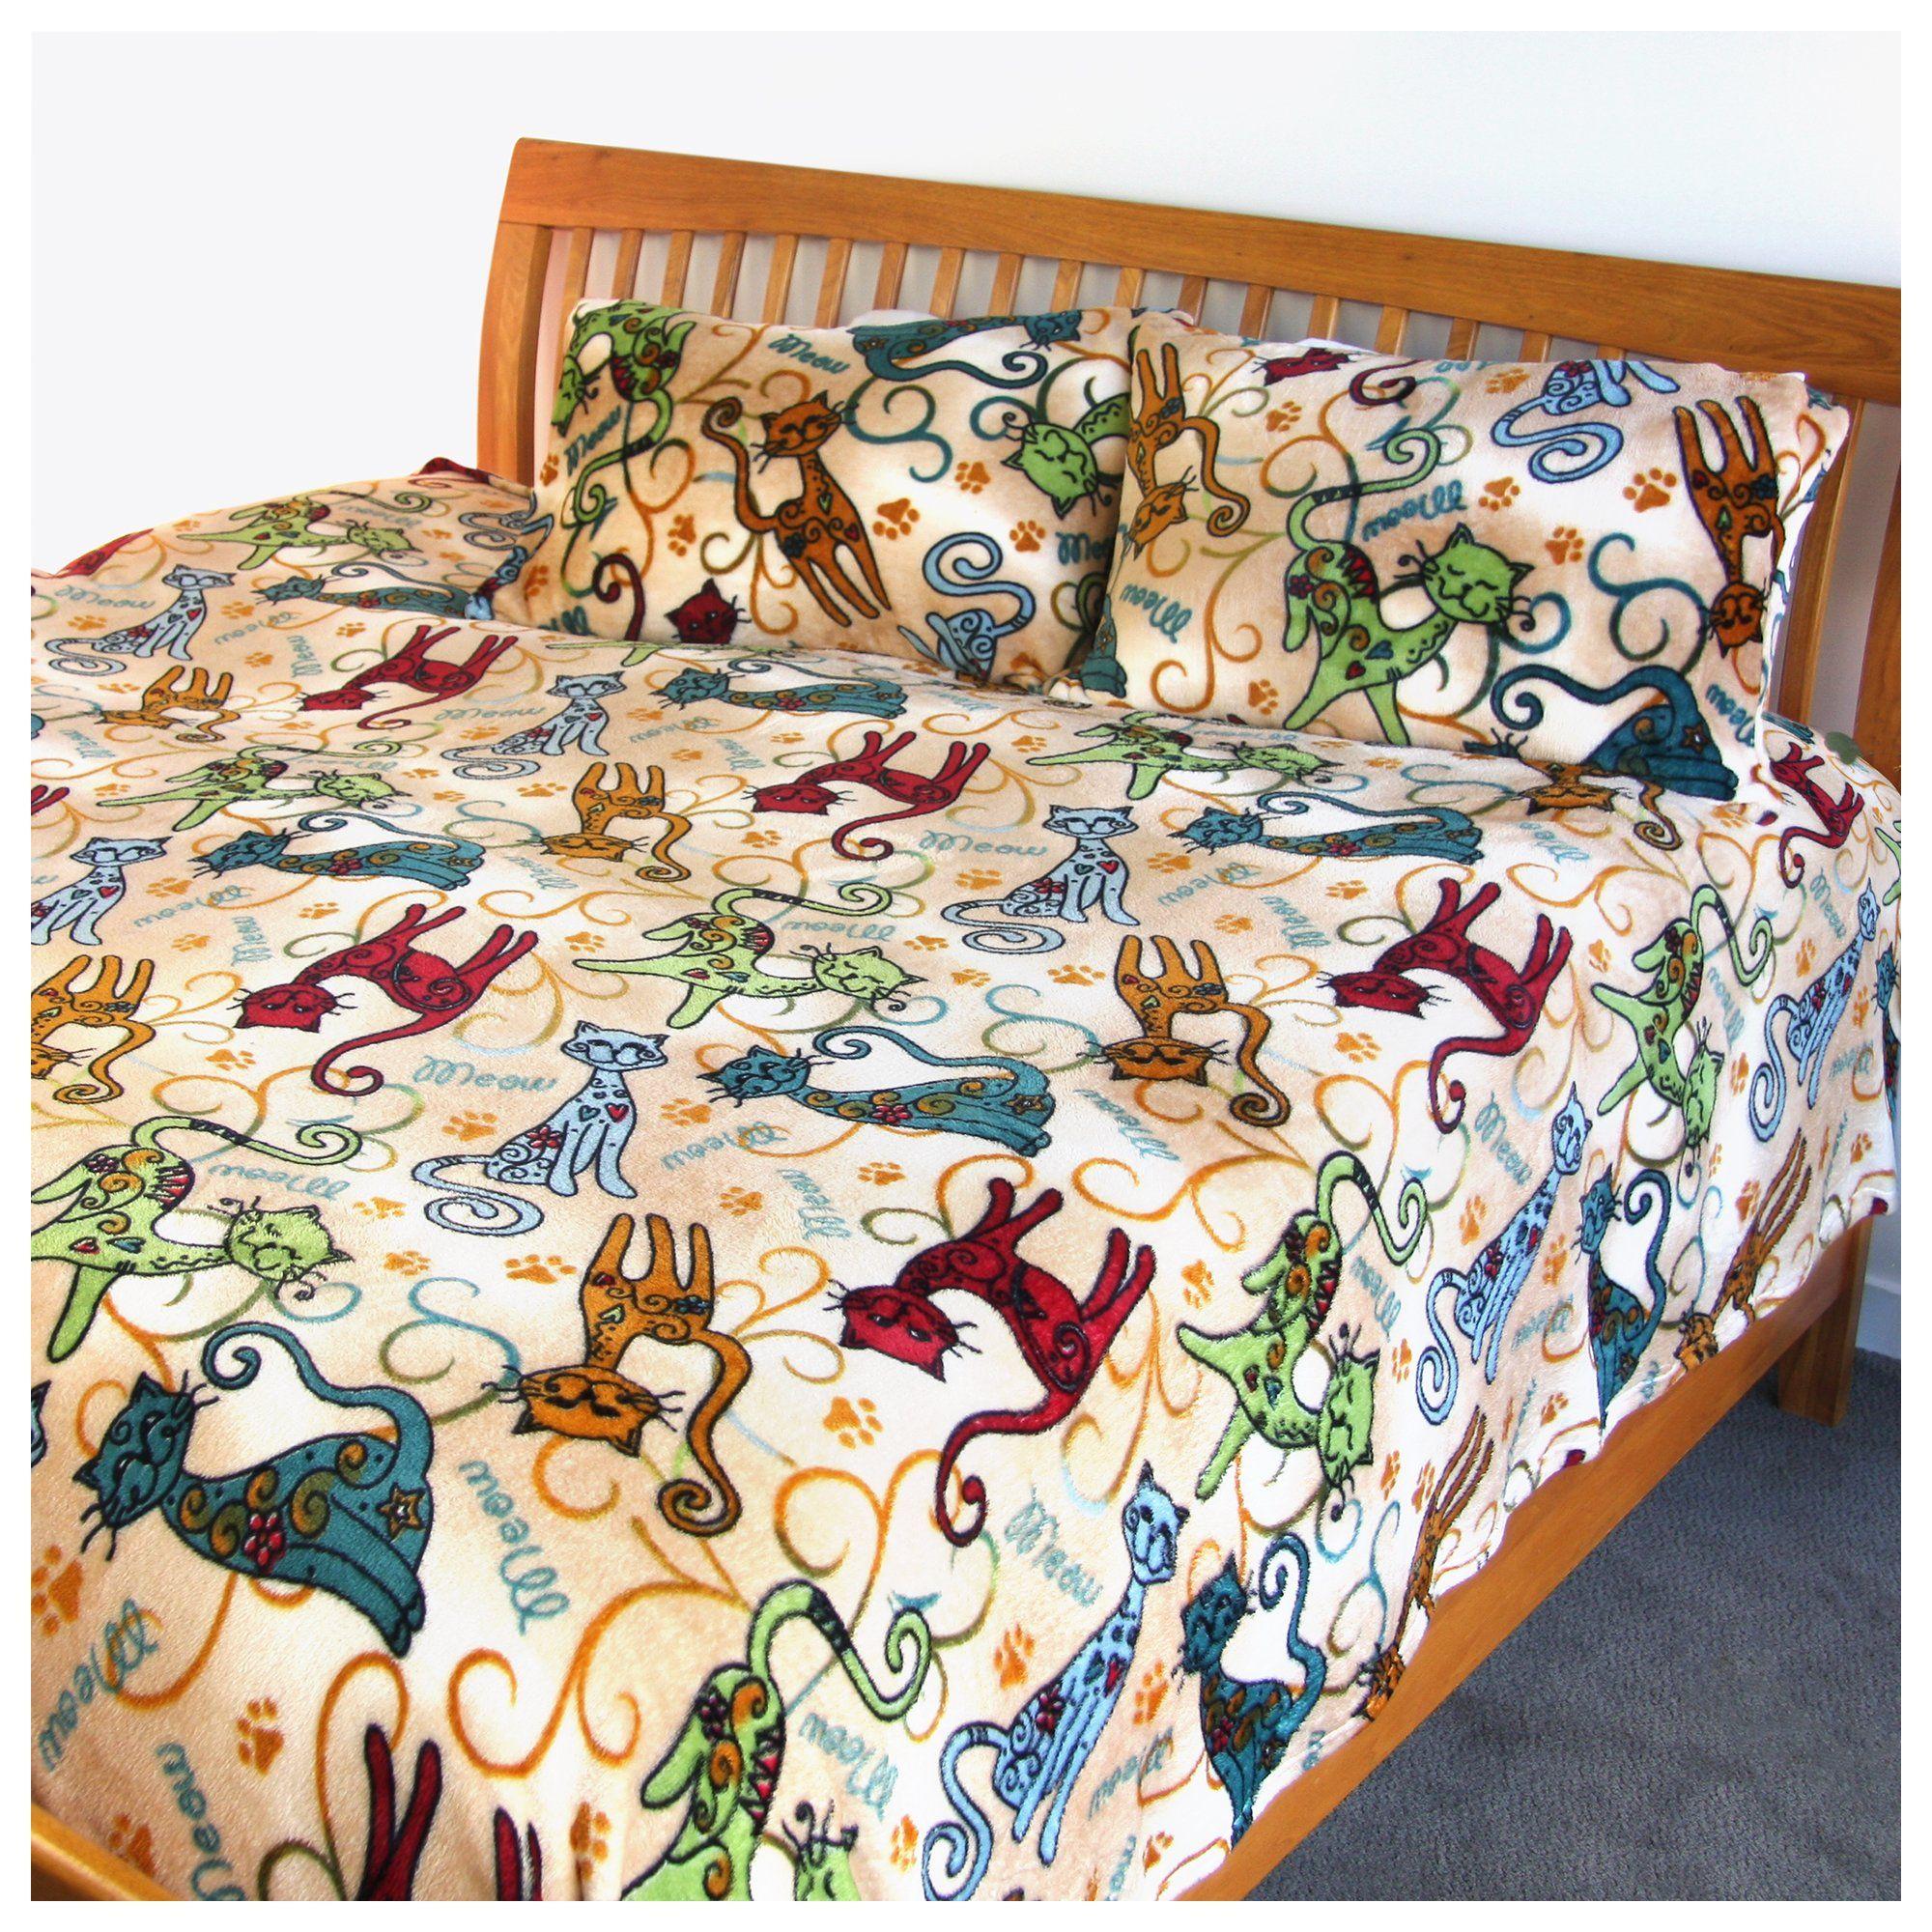 Super Cozy™ Fleece Festival Cats Blanket Cat blanket